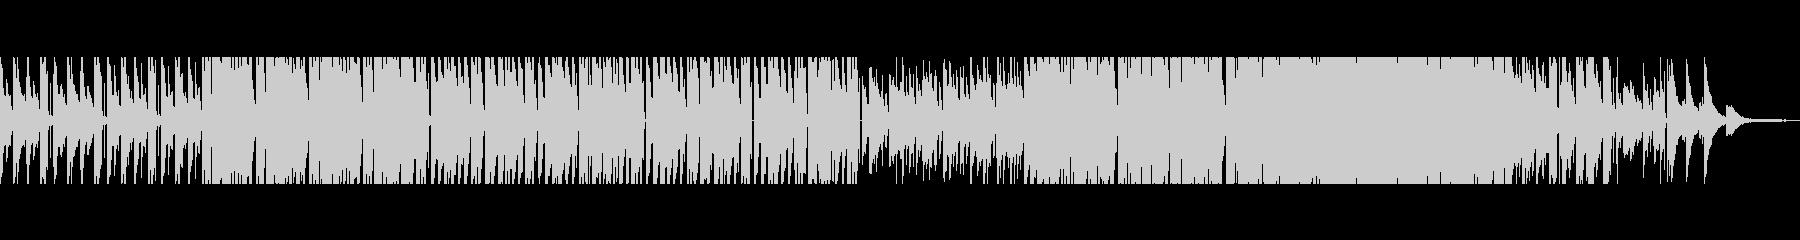 【短Ver1】80年代風洋楽ポップロックの未再生の波形